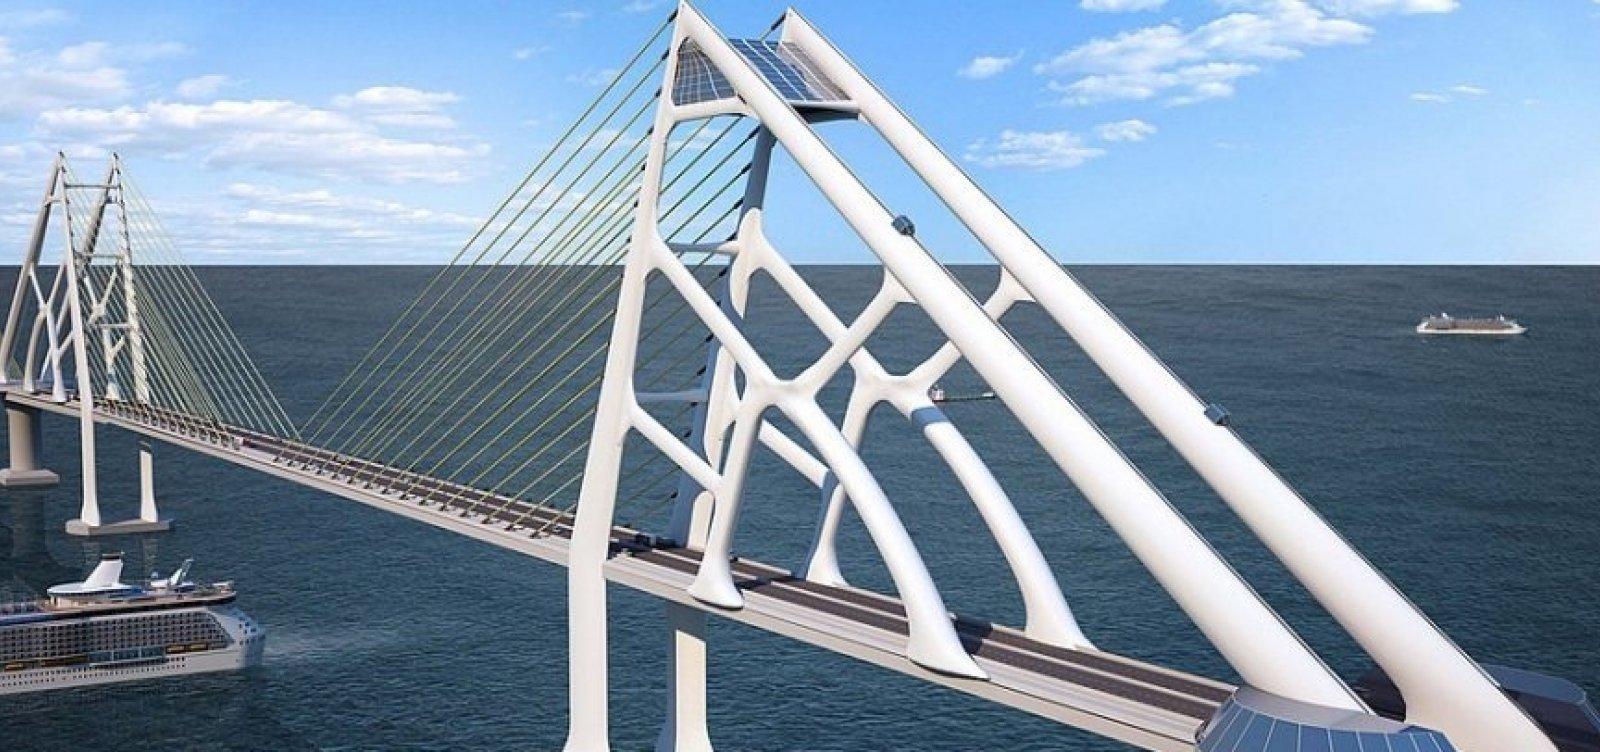 [Pedágio da Ponte Salvador-Itaparica custará R$ 45]